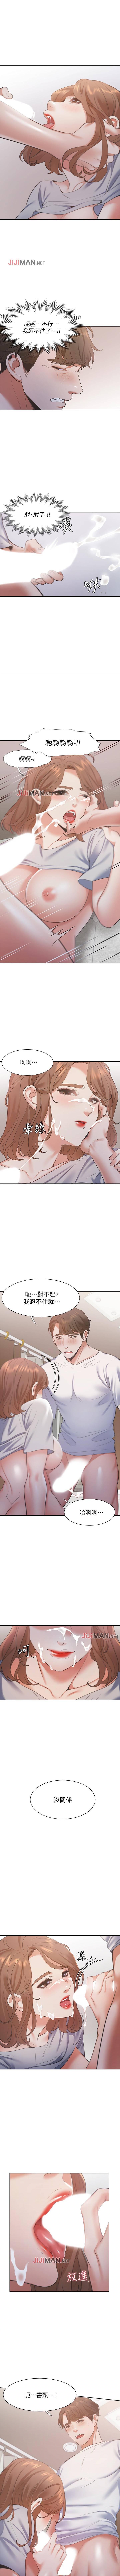 【周五连载】渴望:爱火难耐(作者:Appeal&格子17) 第1~24话 126